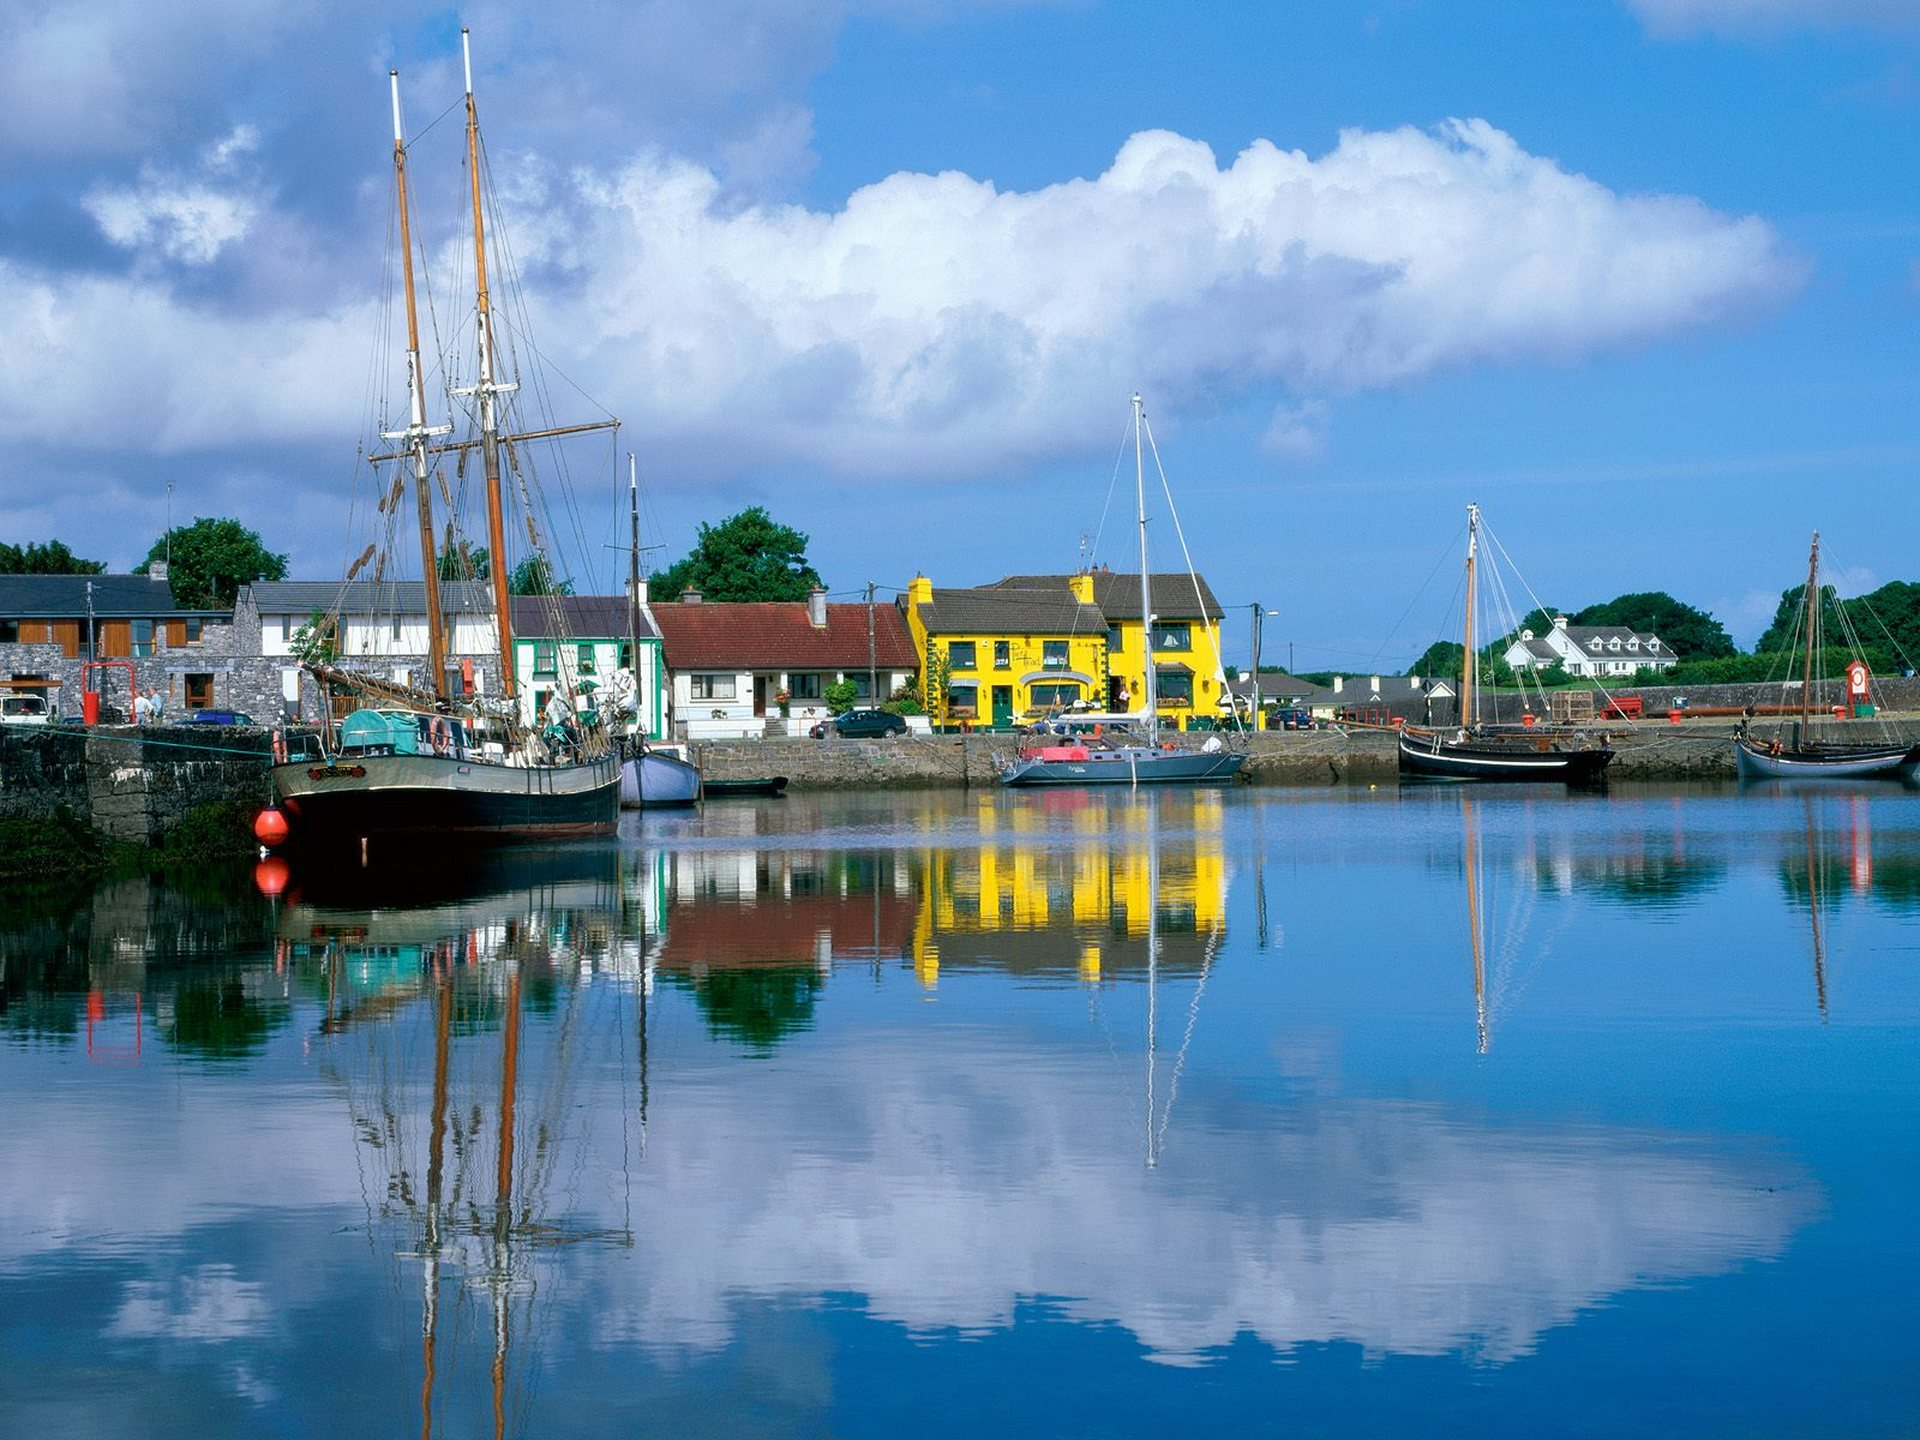 La bonita Bahía de Galway